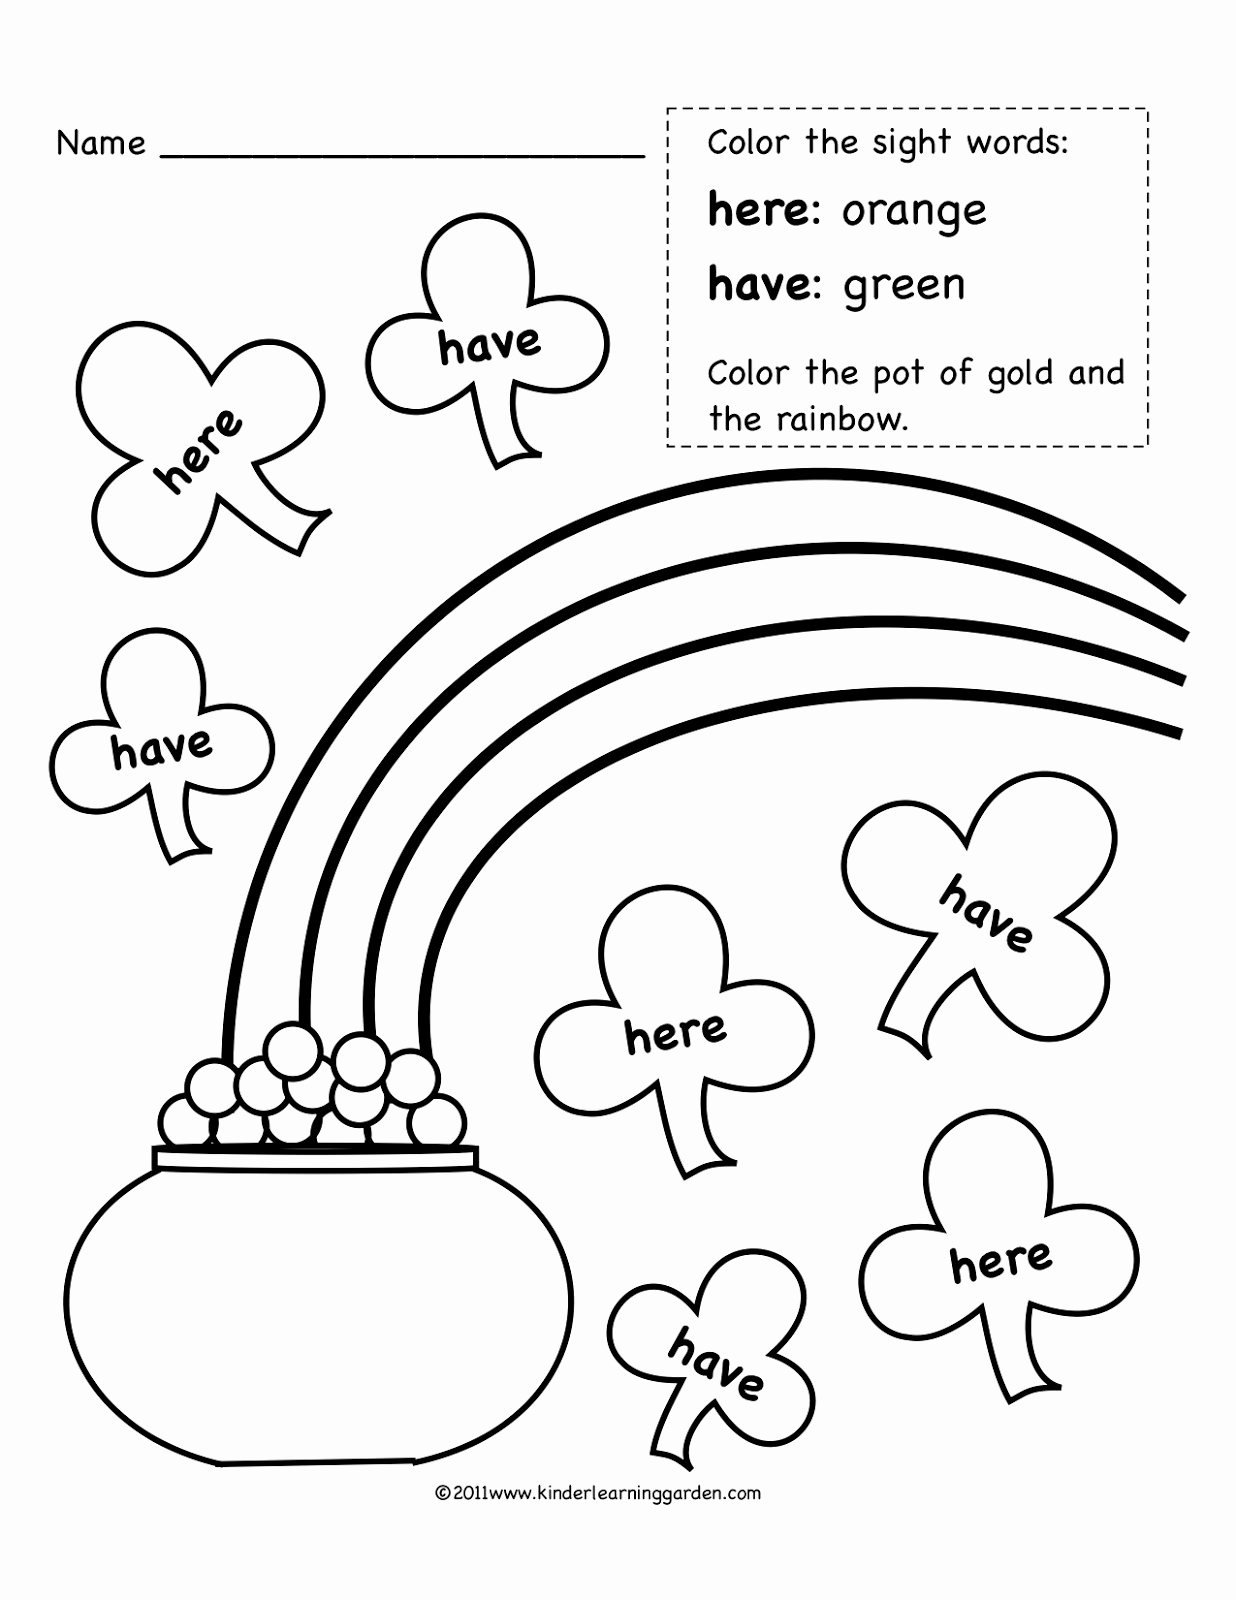 Color Sight Word Worksheets Elegant Kinder Learning Garden March Sight Words Freebie